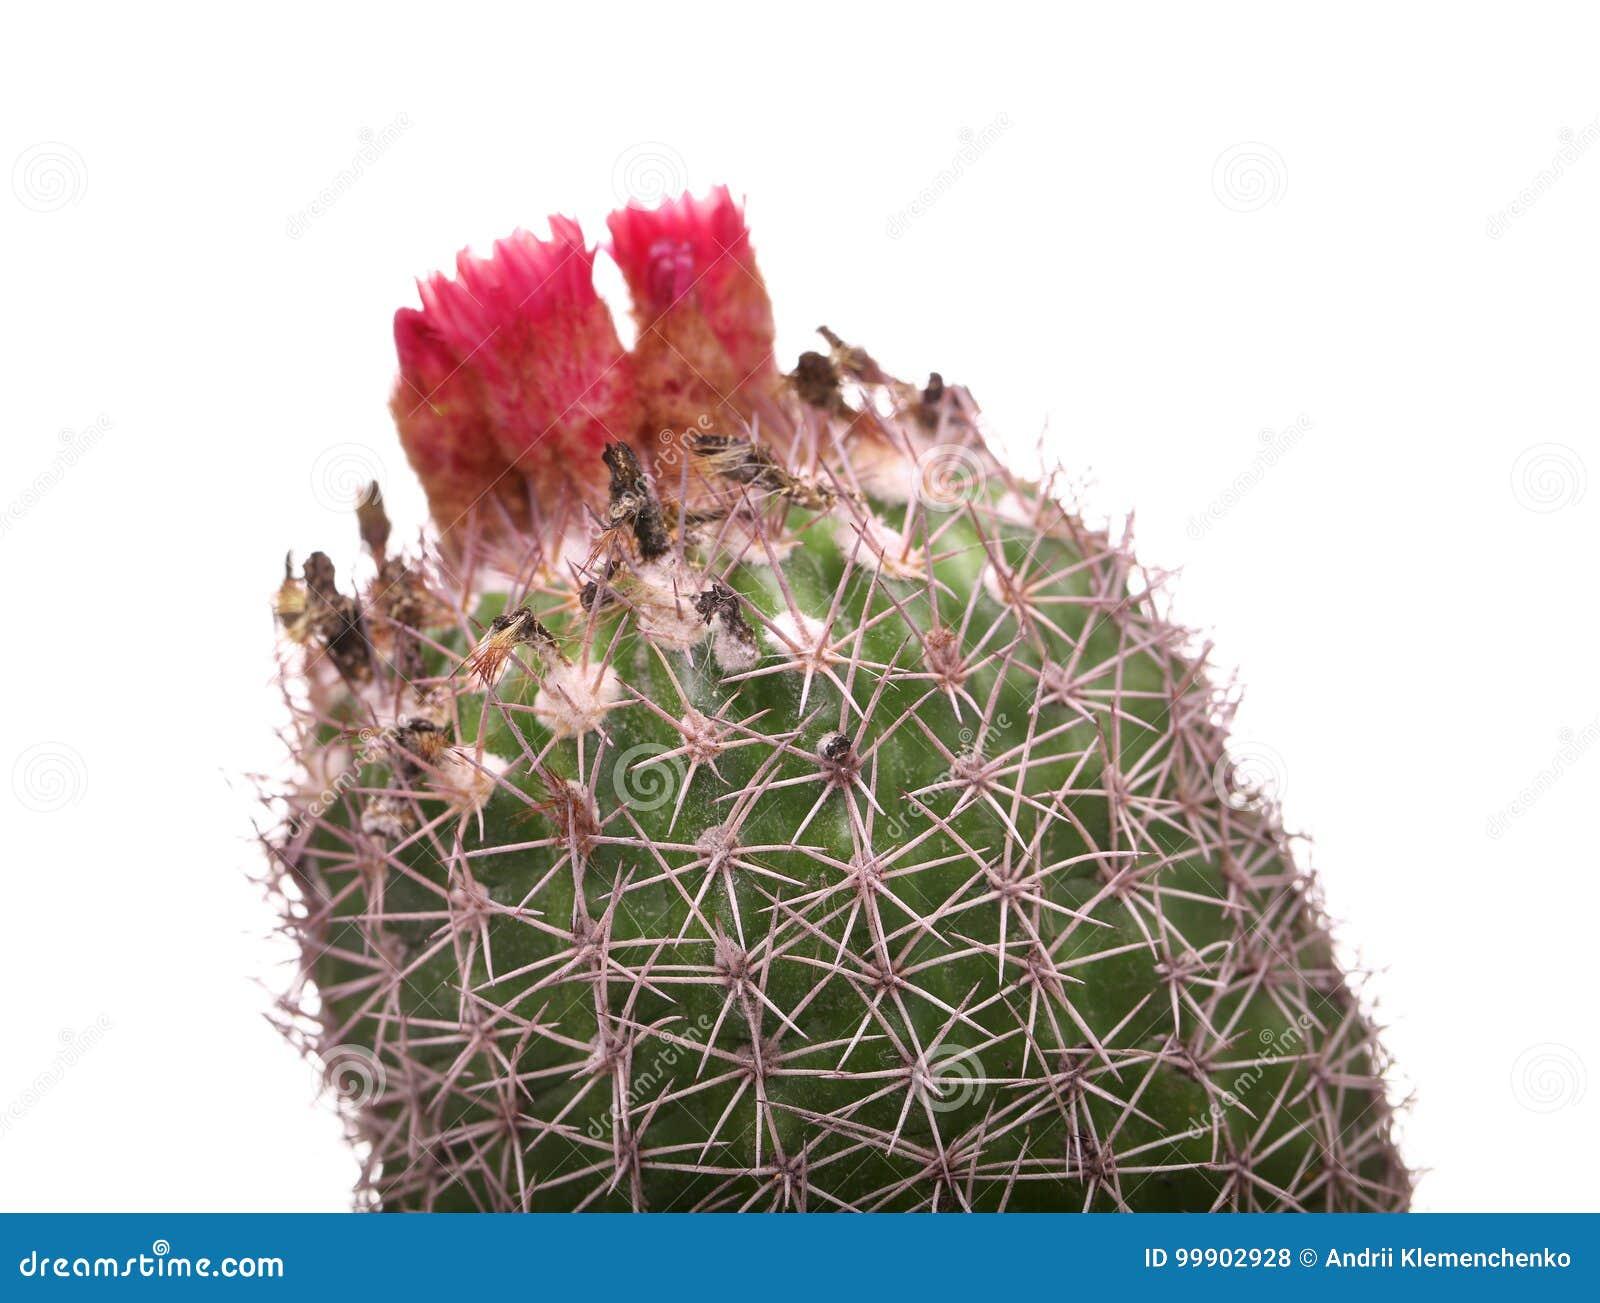 Cactus flowers isolated on white background pink cactus blossom cactus flowers isolated on white background pink cactus blossom minimal creative stillife mightylinksfo